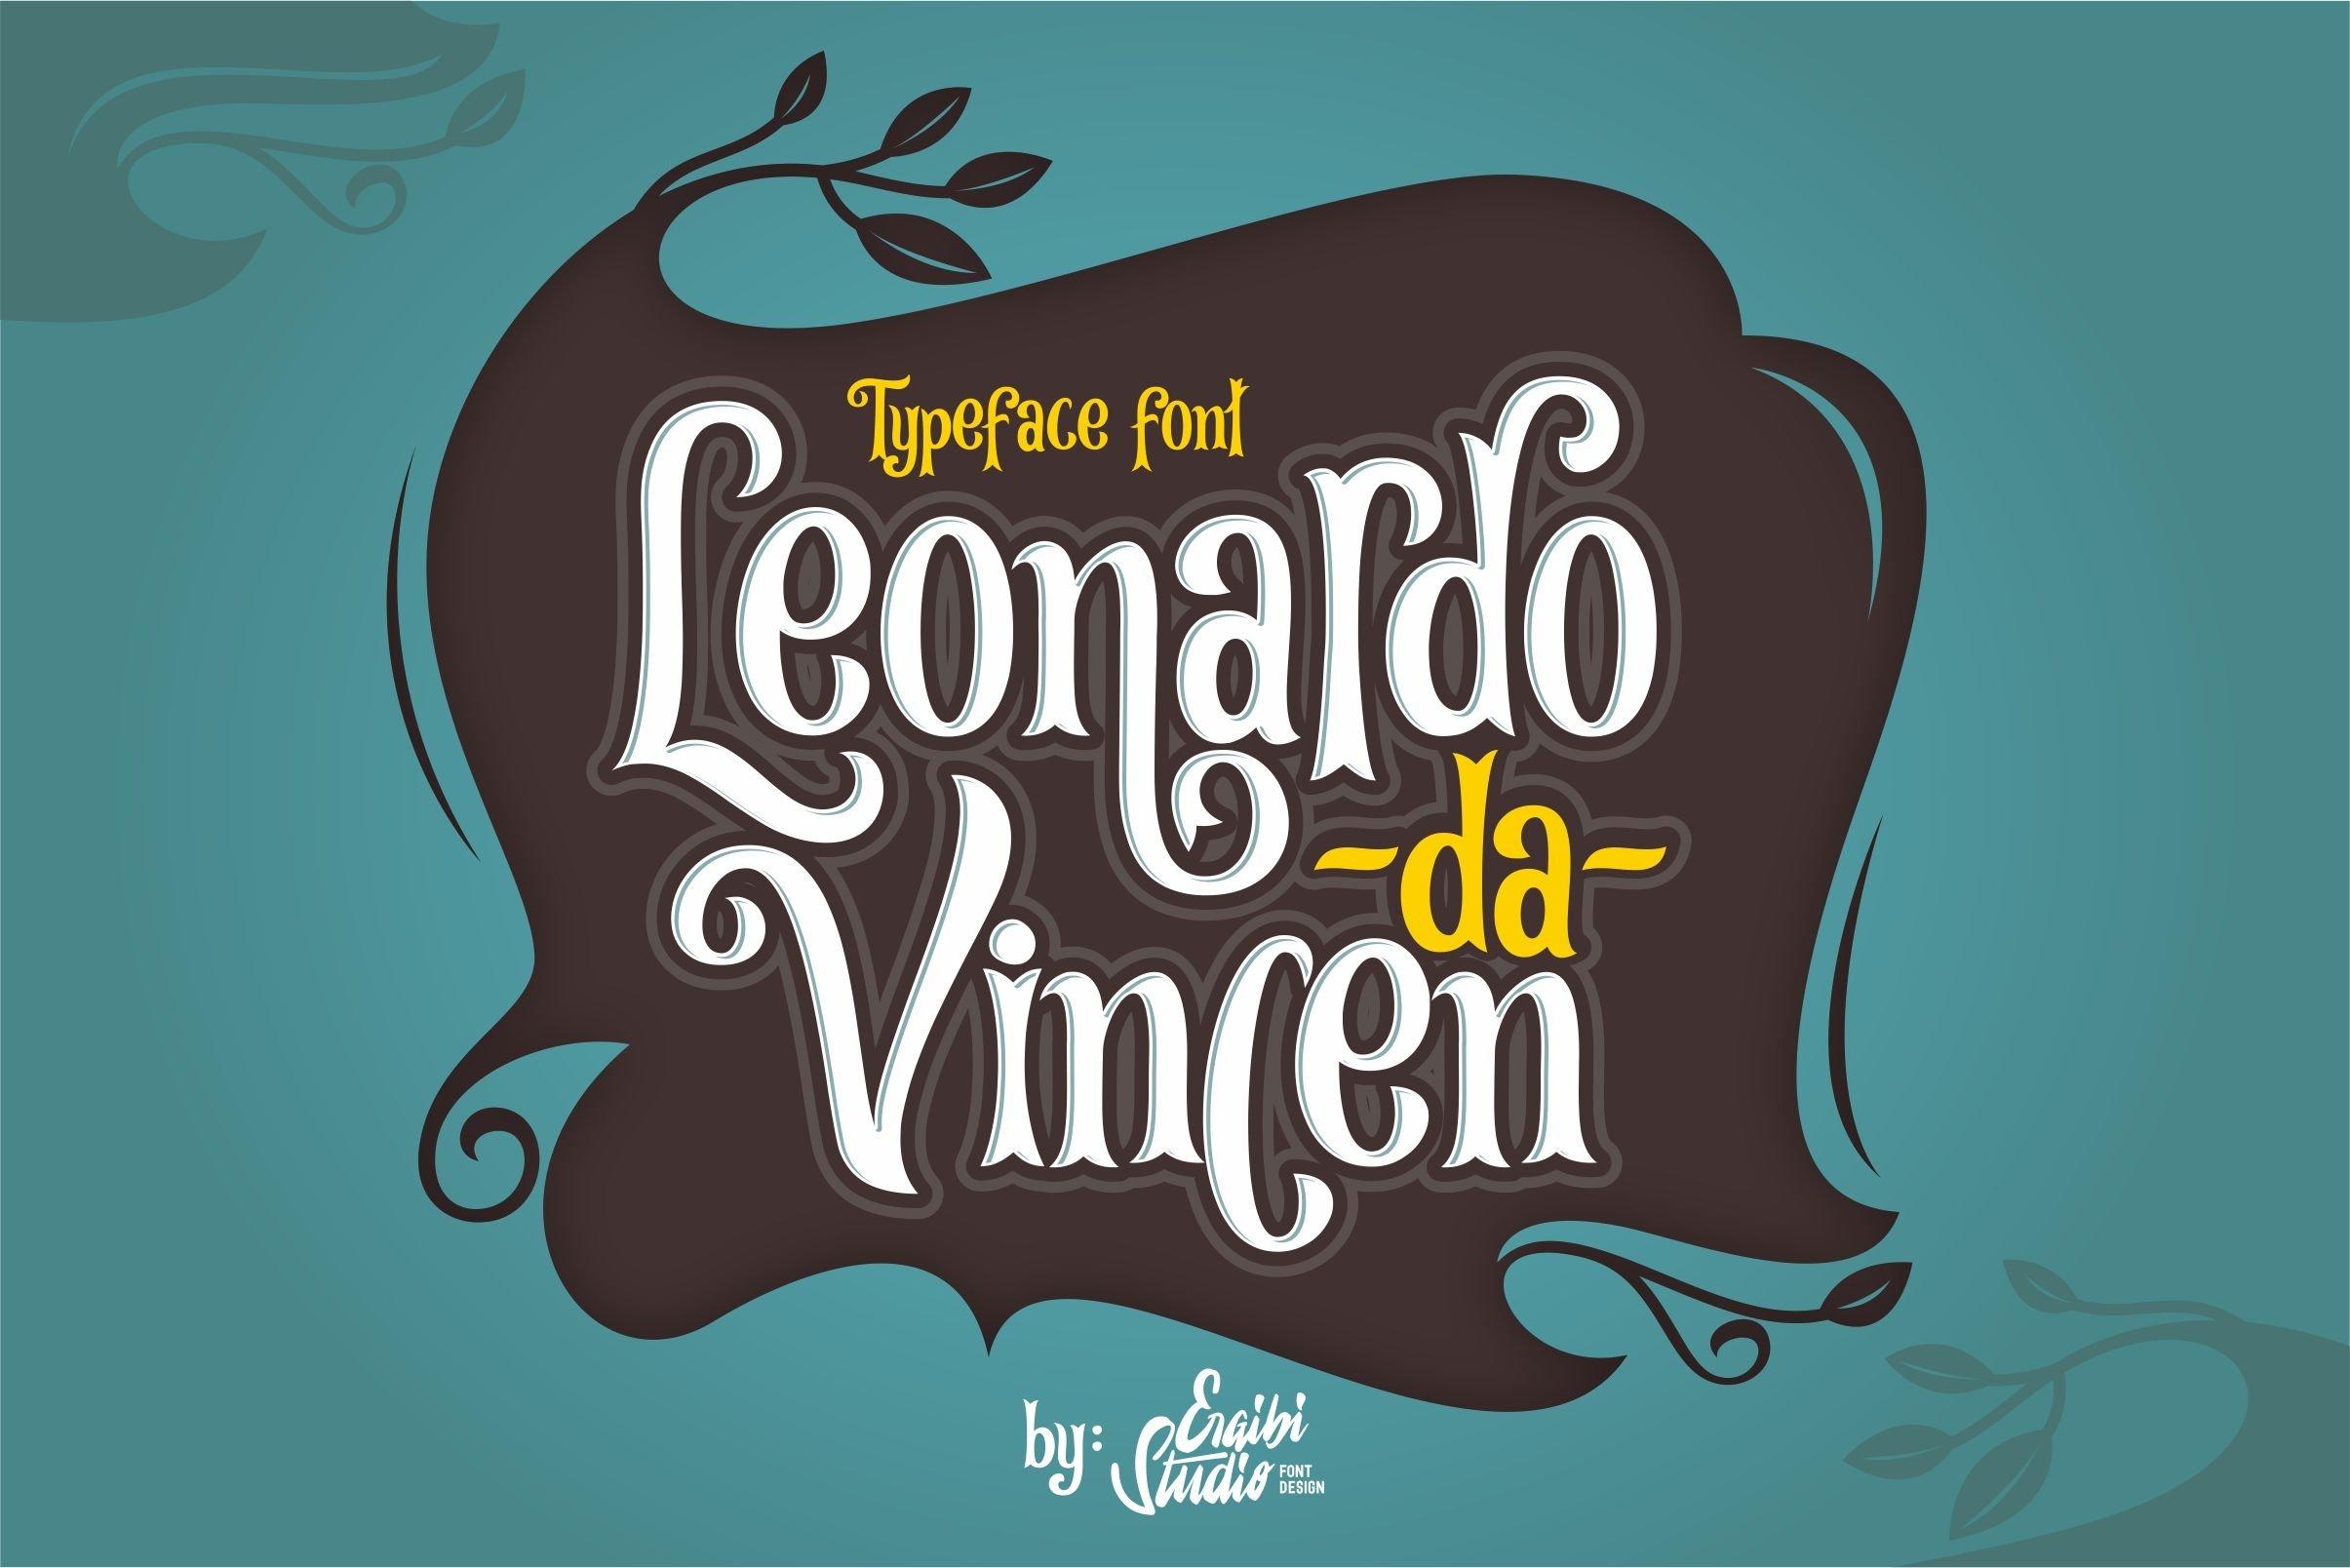 Leonardo da Vincen example image 1